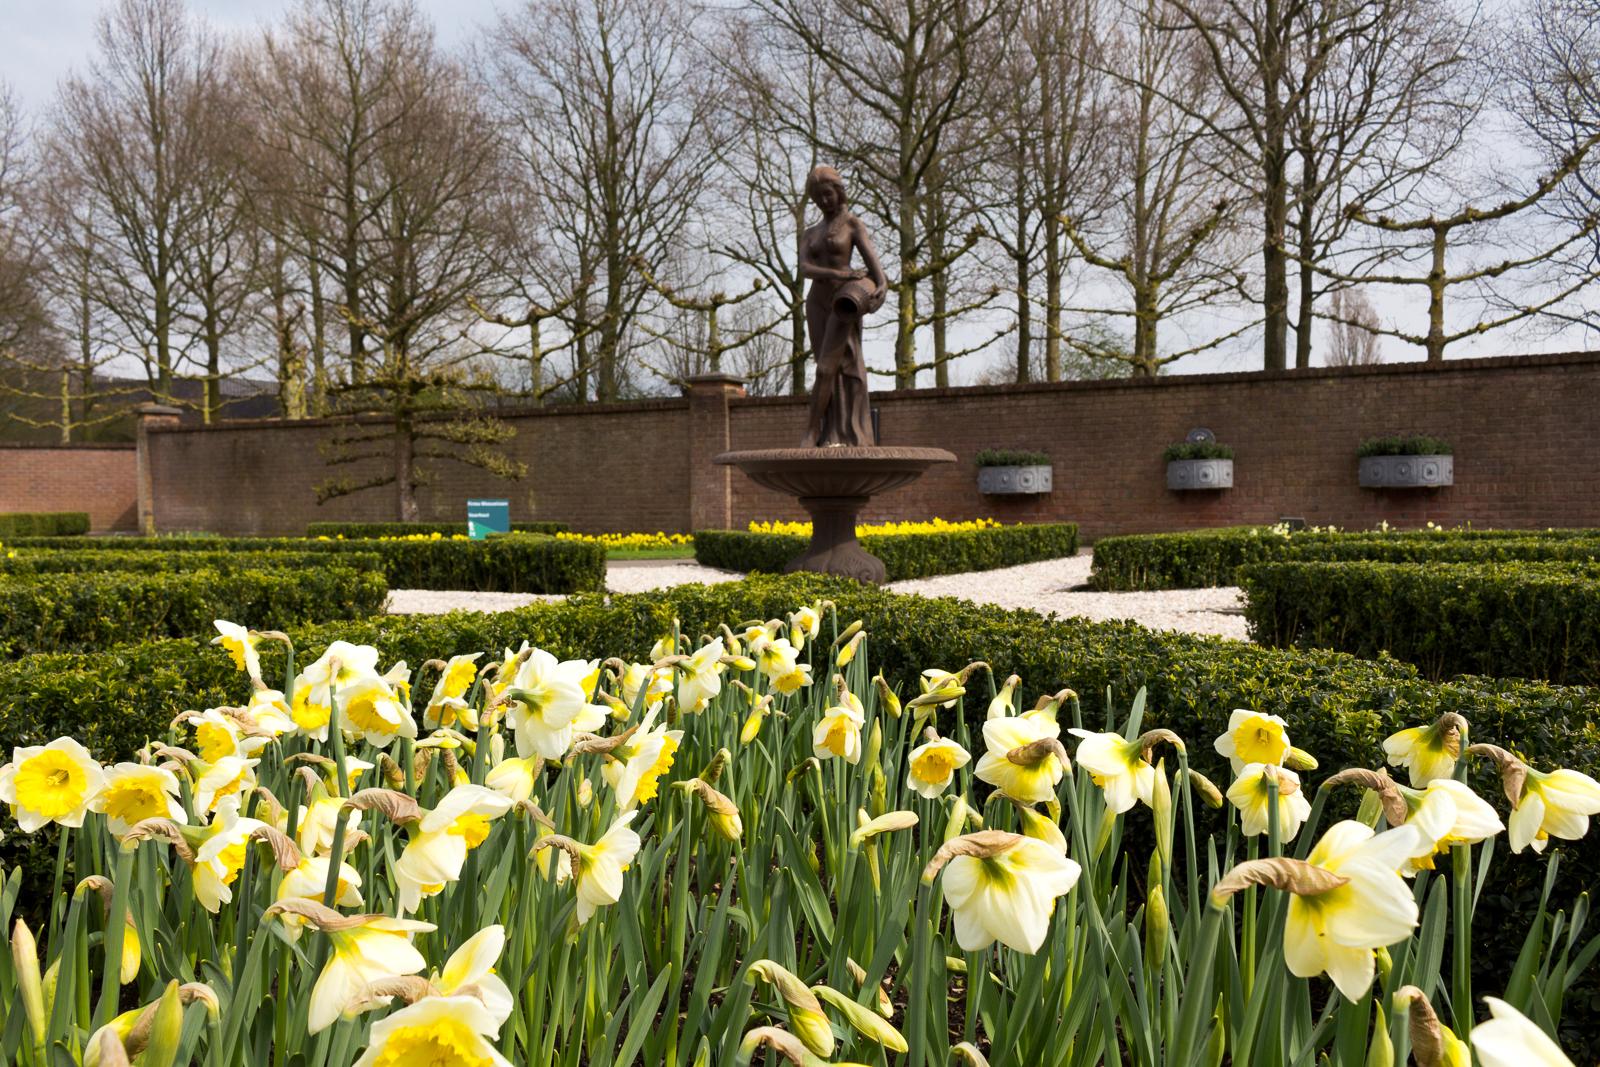 niederlande_noordwijk_keukenhof_reiseblog-2888